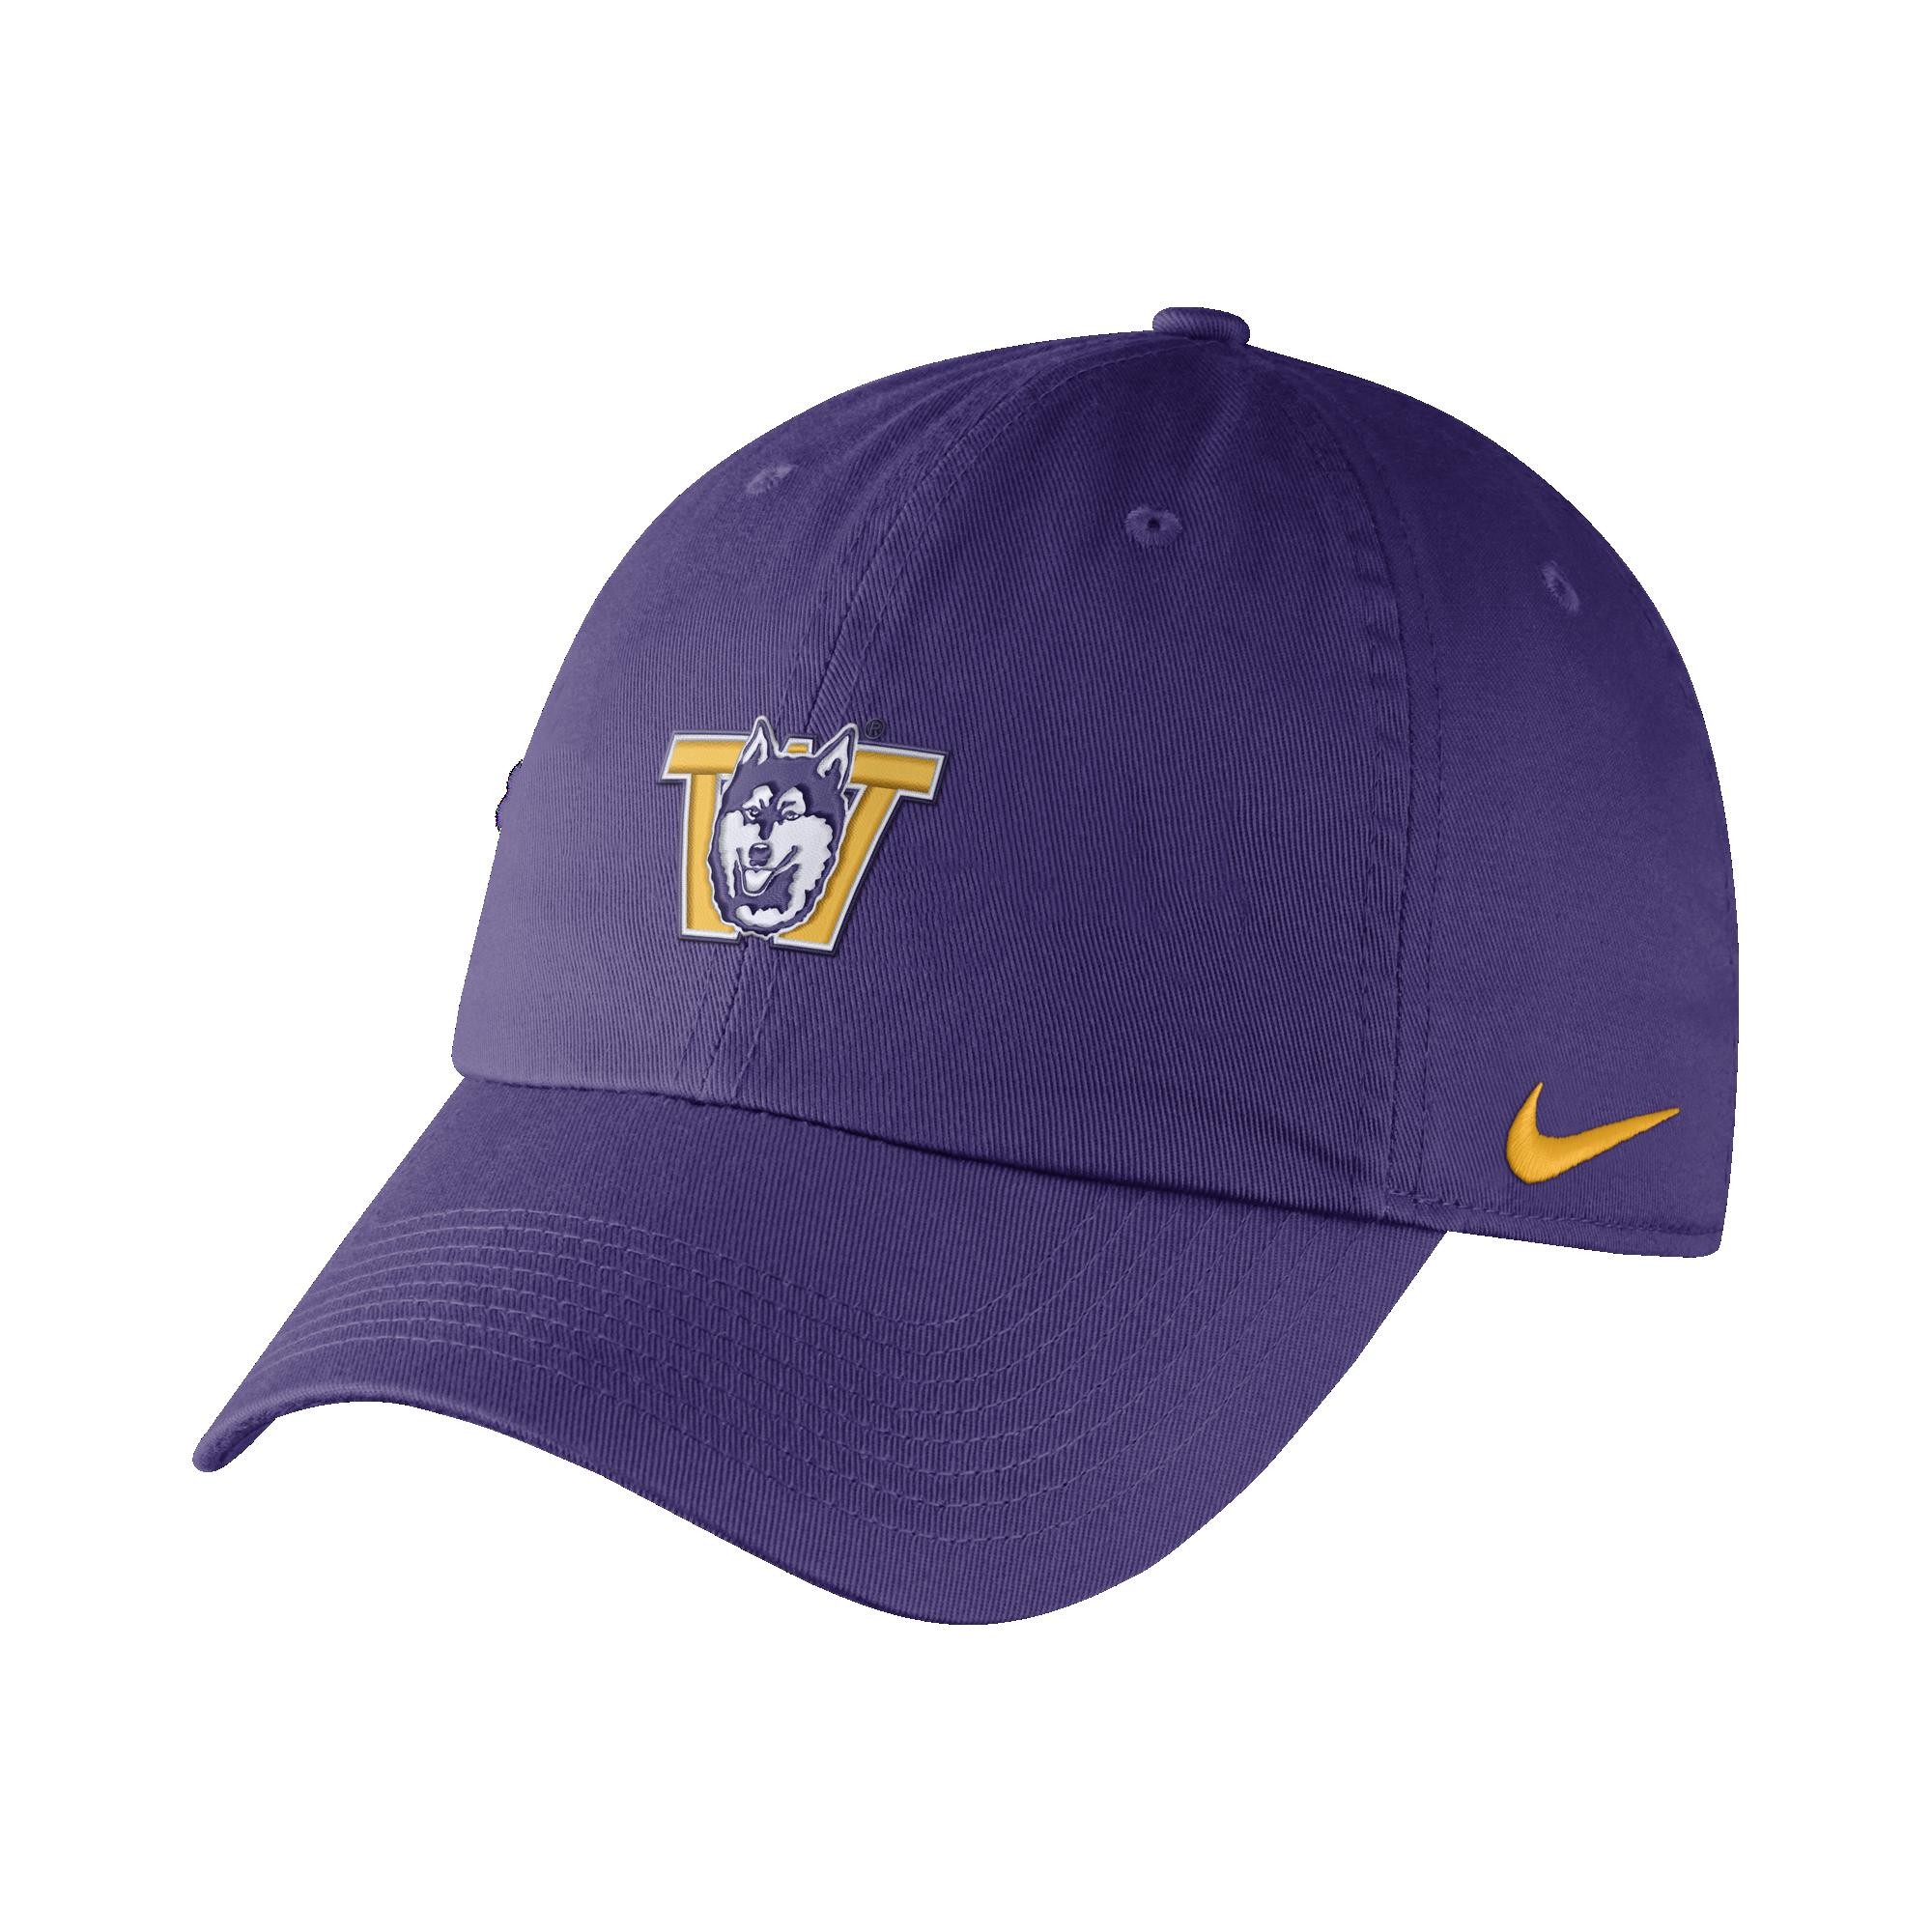 332ac5bf Nike Unisex Purple Vault Dog W Heritage 86 Adjustable Hat